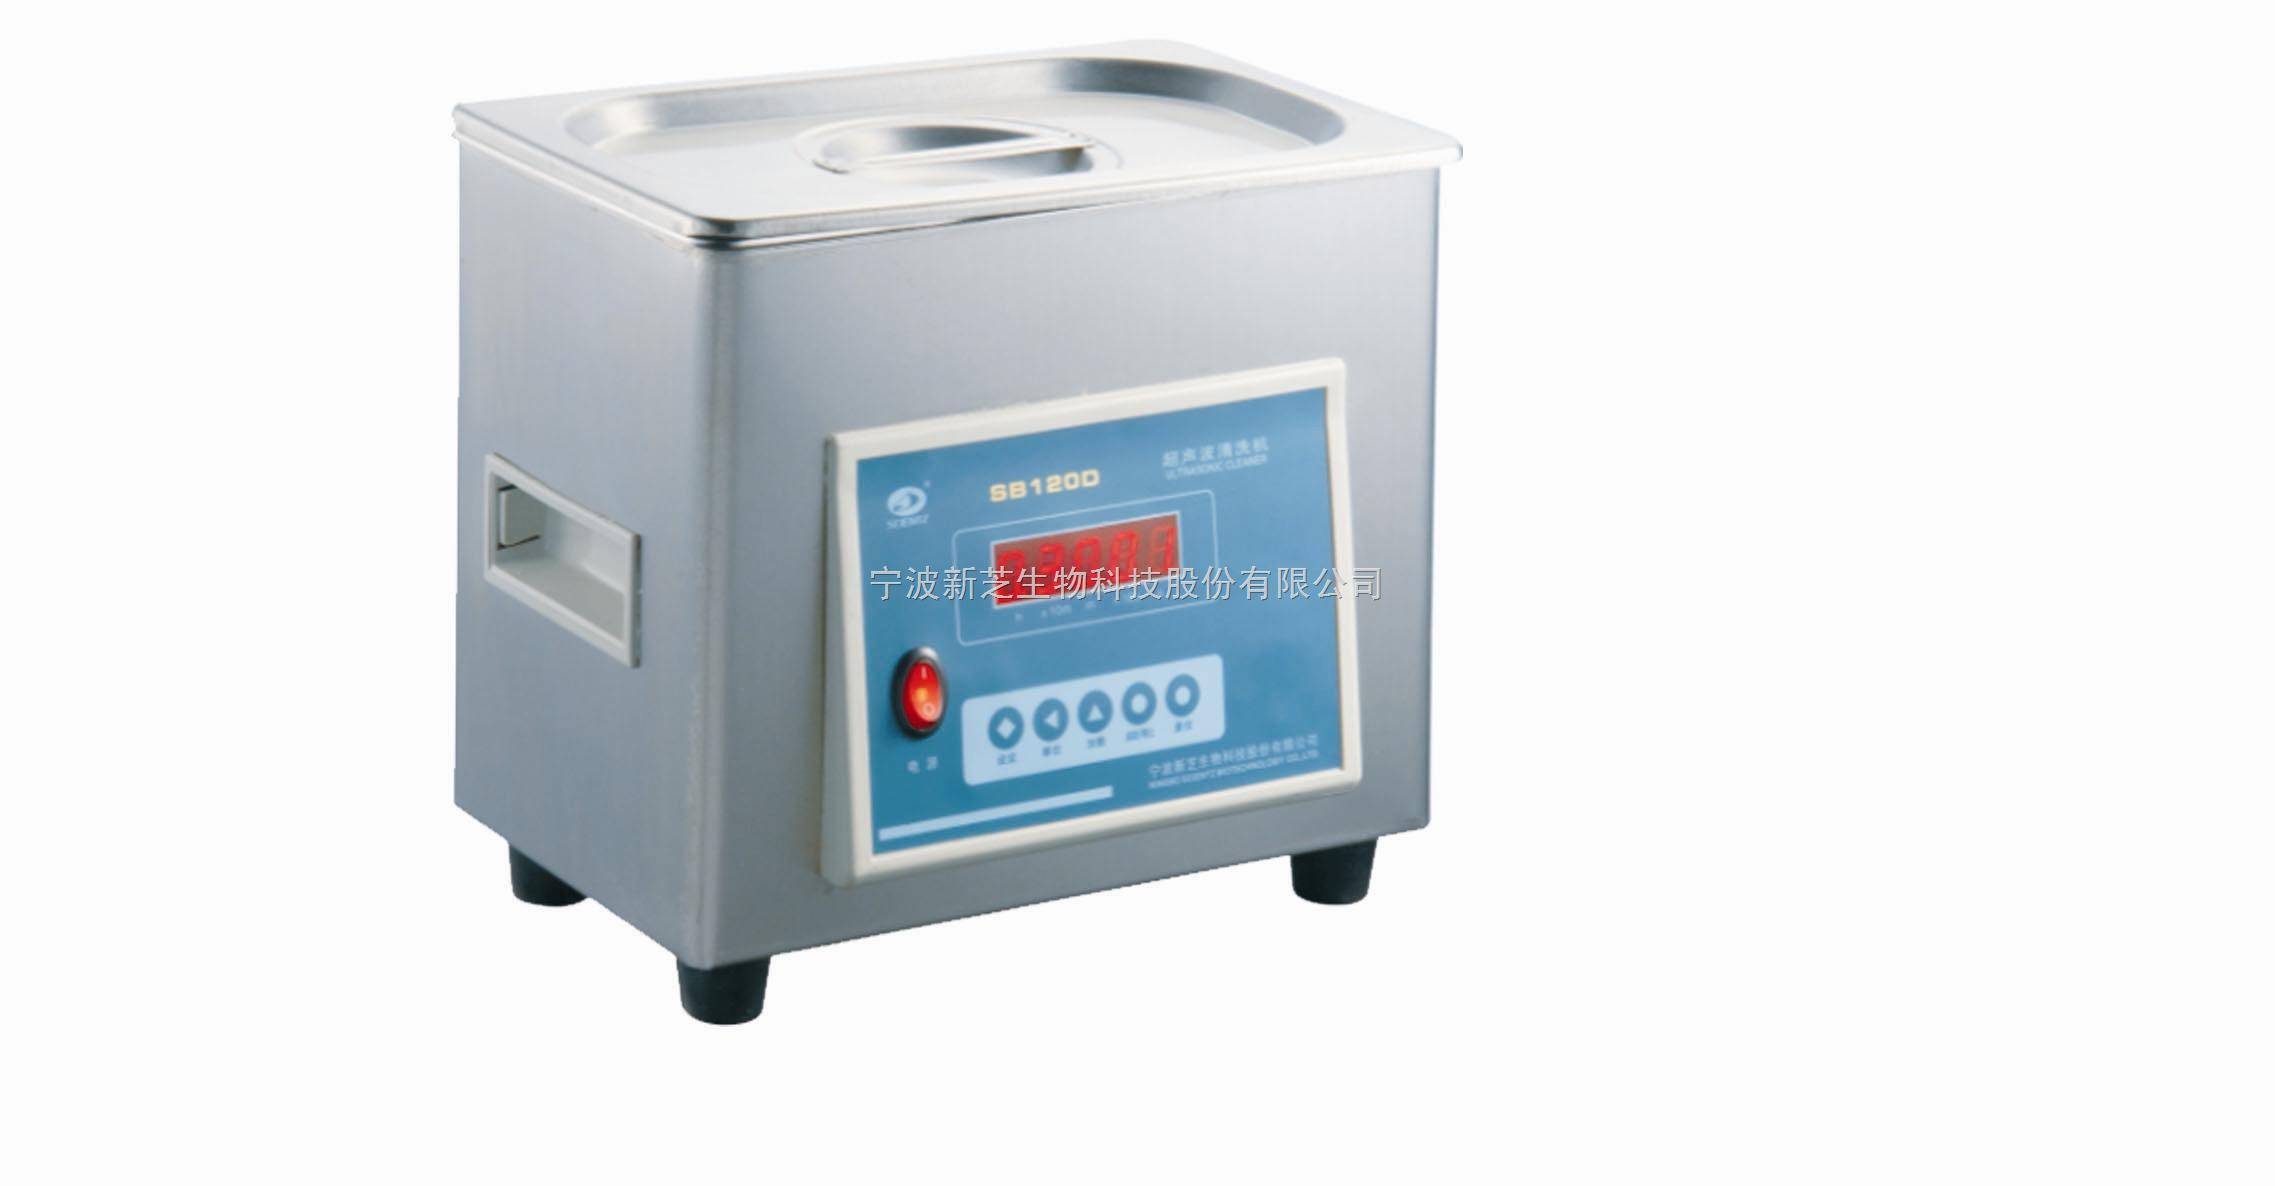 sb-5200d-超声波清洗机-宁波新芝生物科技股份有限